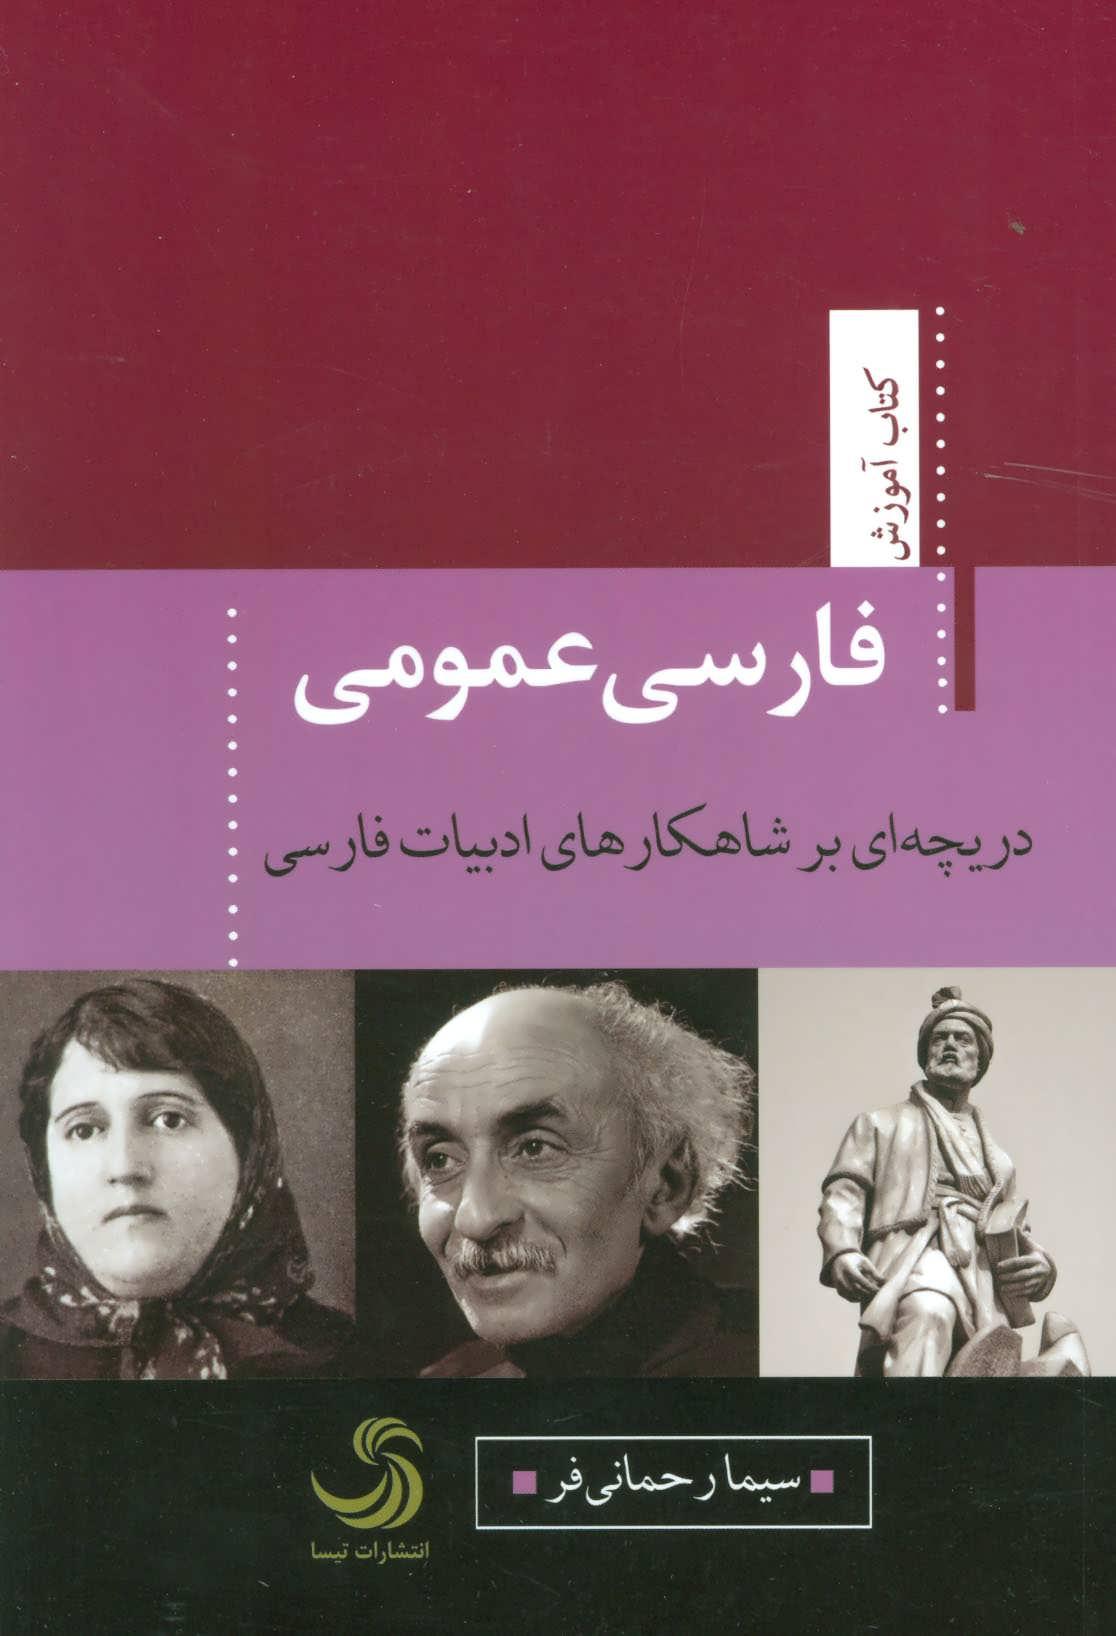 فارسی عمومی:دریچه ای بر شاهکارهای ادبیات فارسی (کتاب آموزش 8)